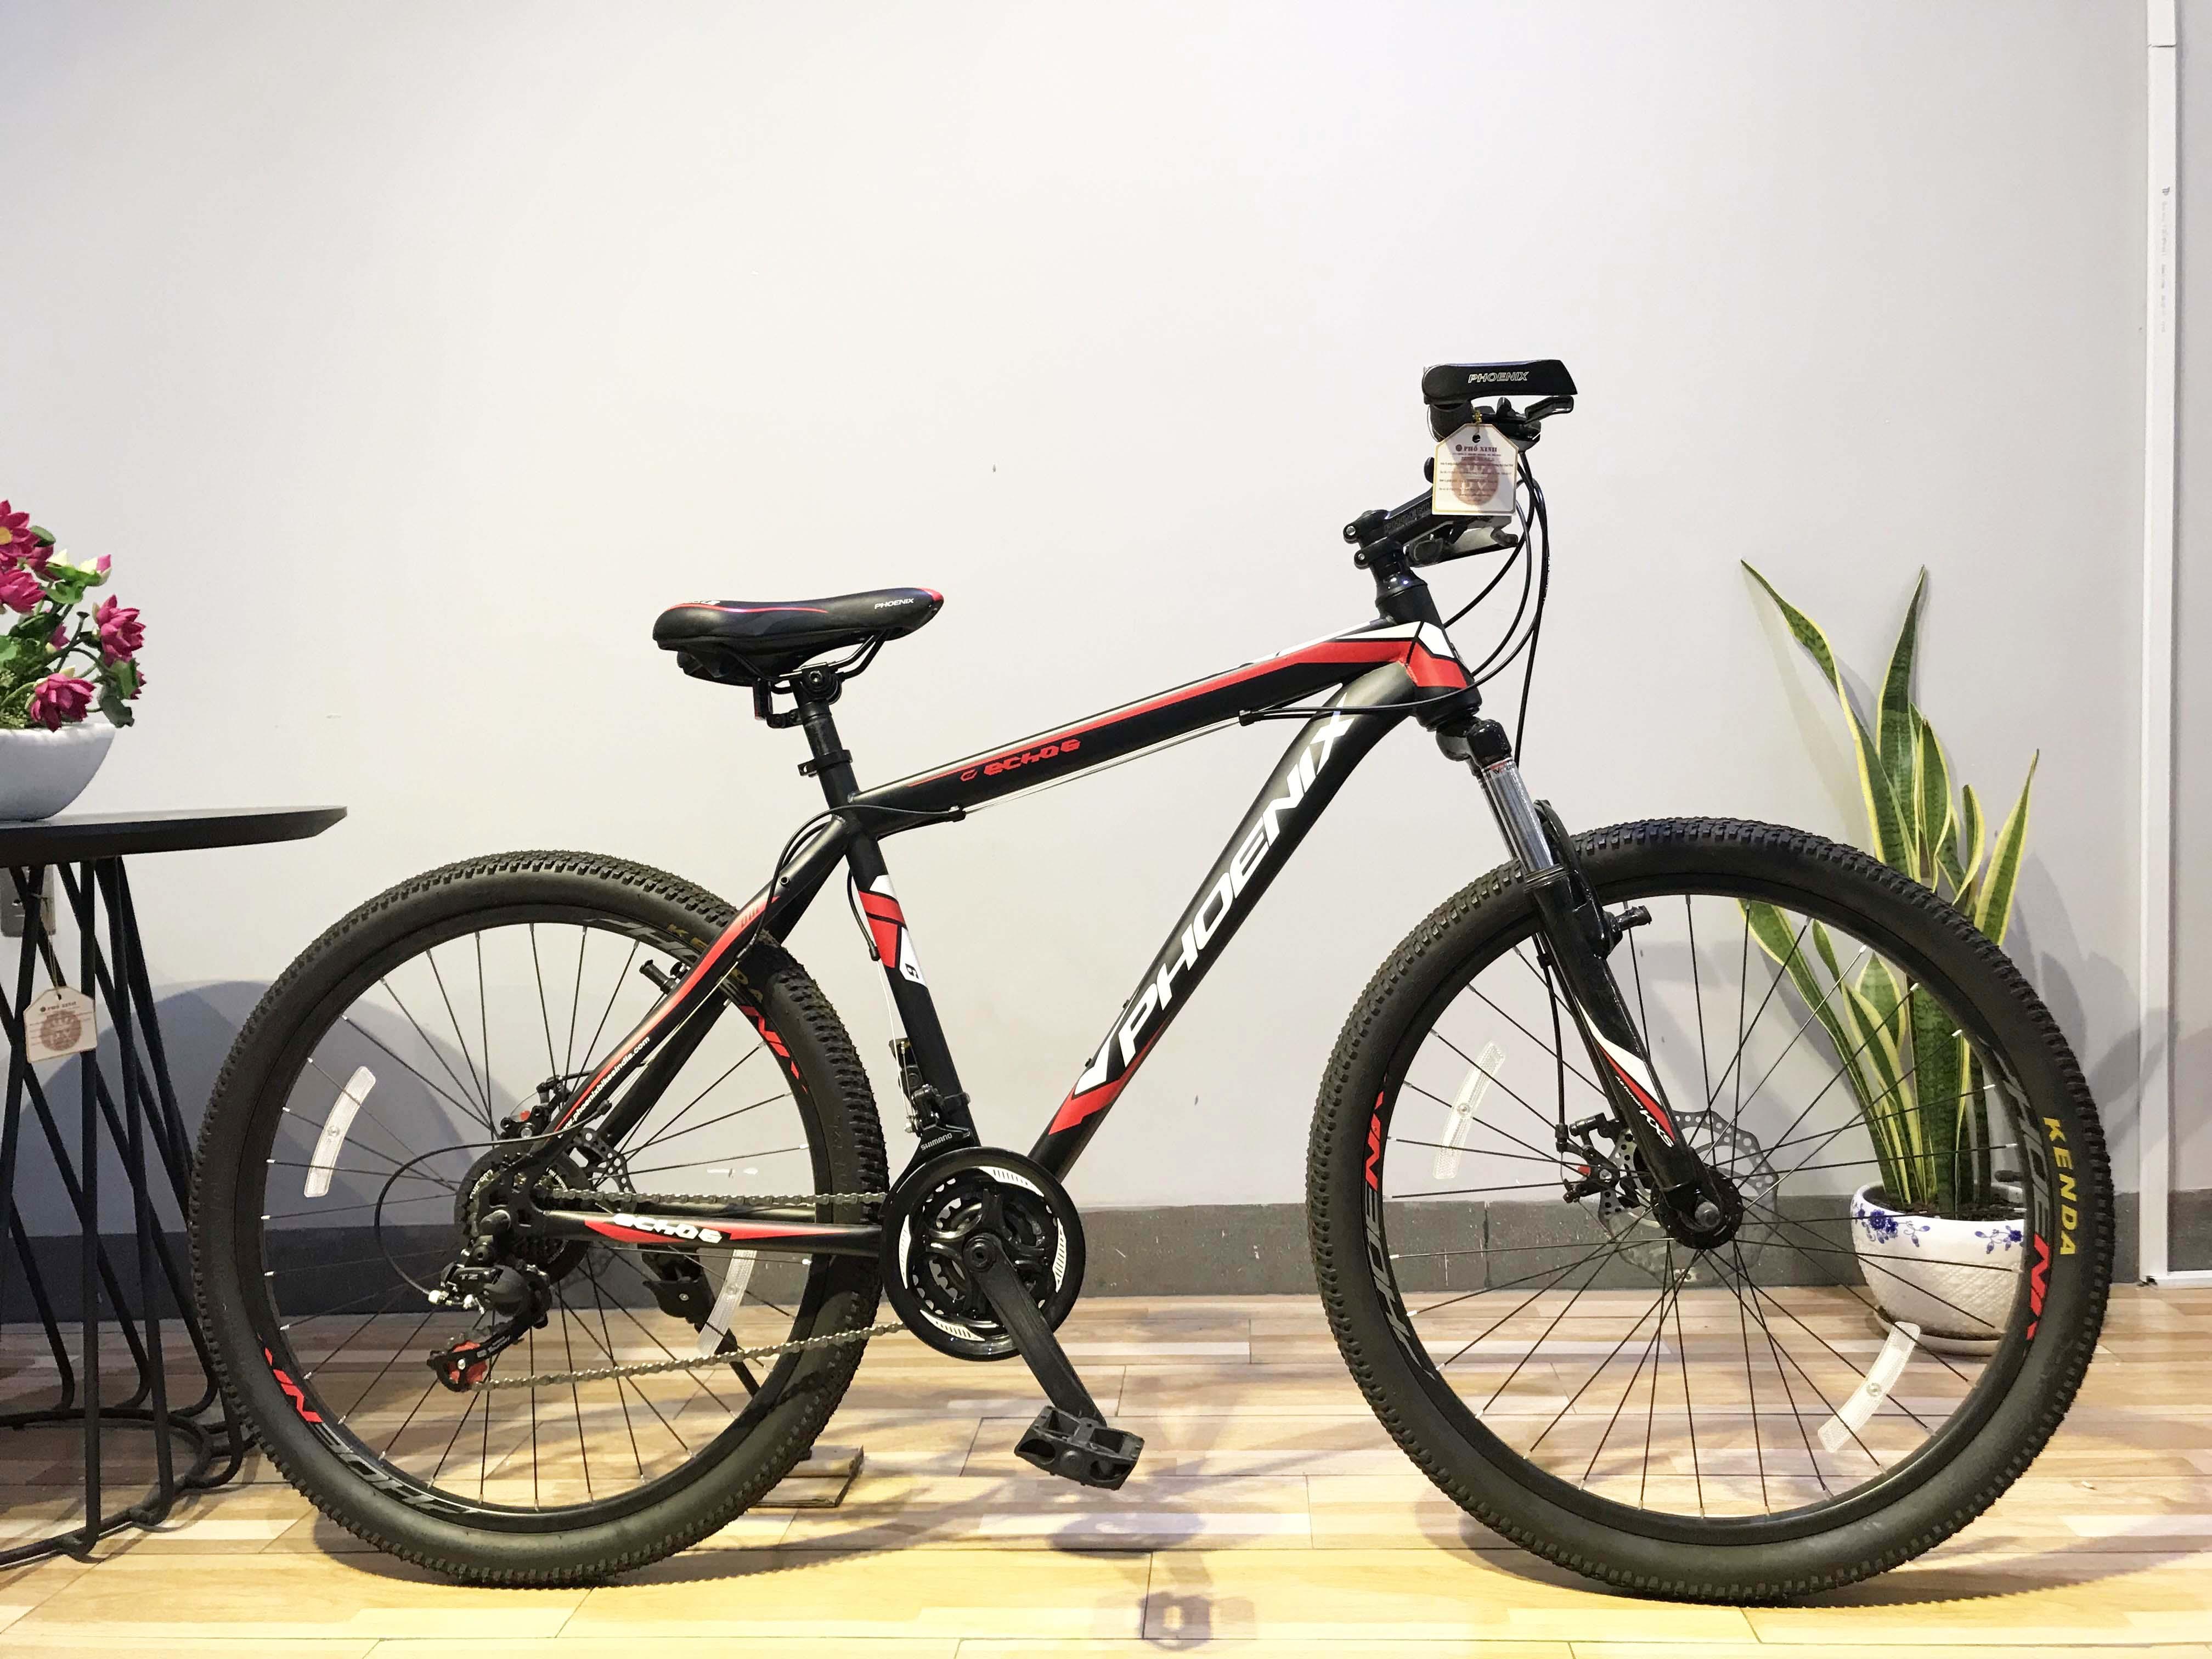 Xe đạp địa hình 2 bộ đè Phượng Hoàng Phoenix Echo 6.0